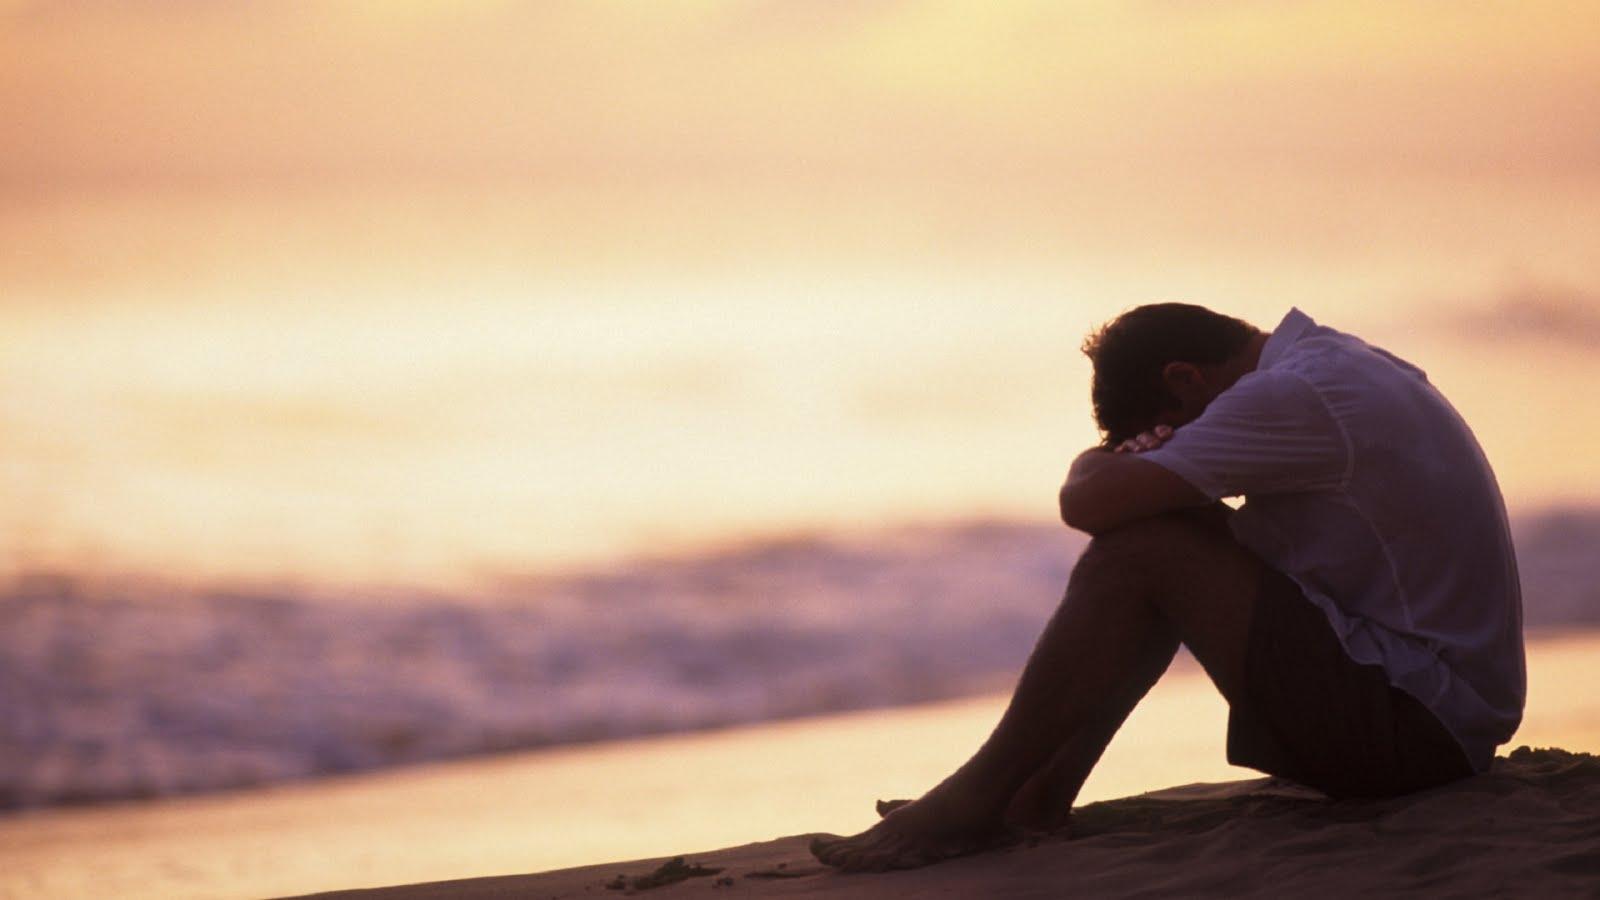 بالصور صور رجل حزين , اقوى الصور المعبرة عن حزن الرجل 5247 9